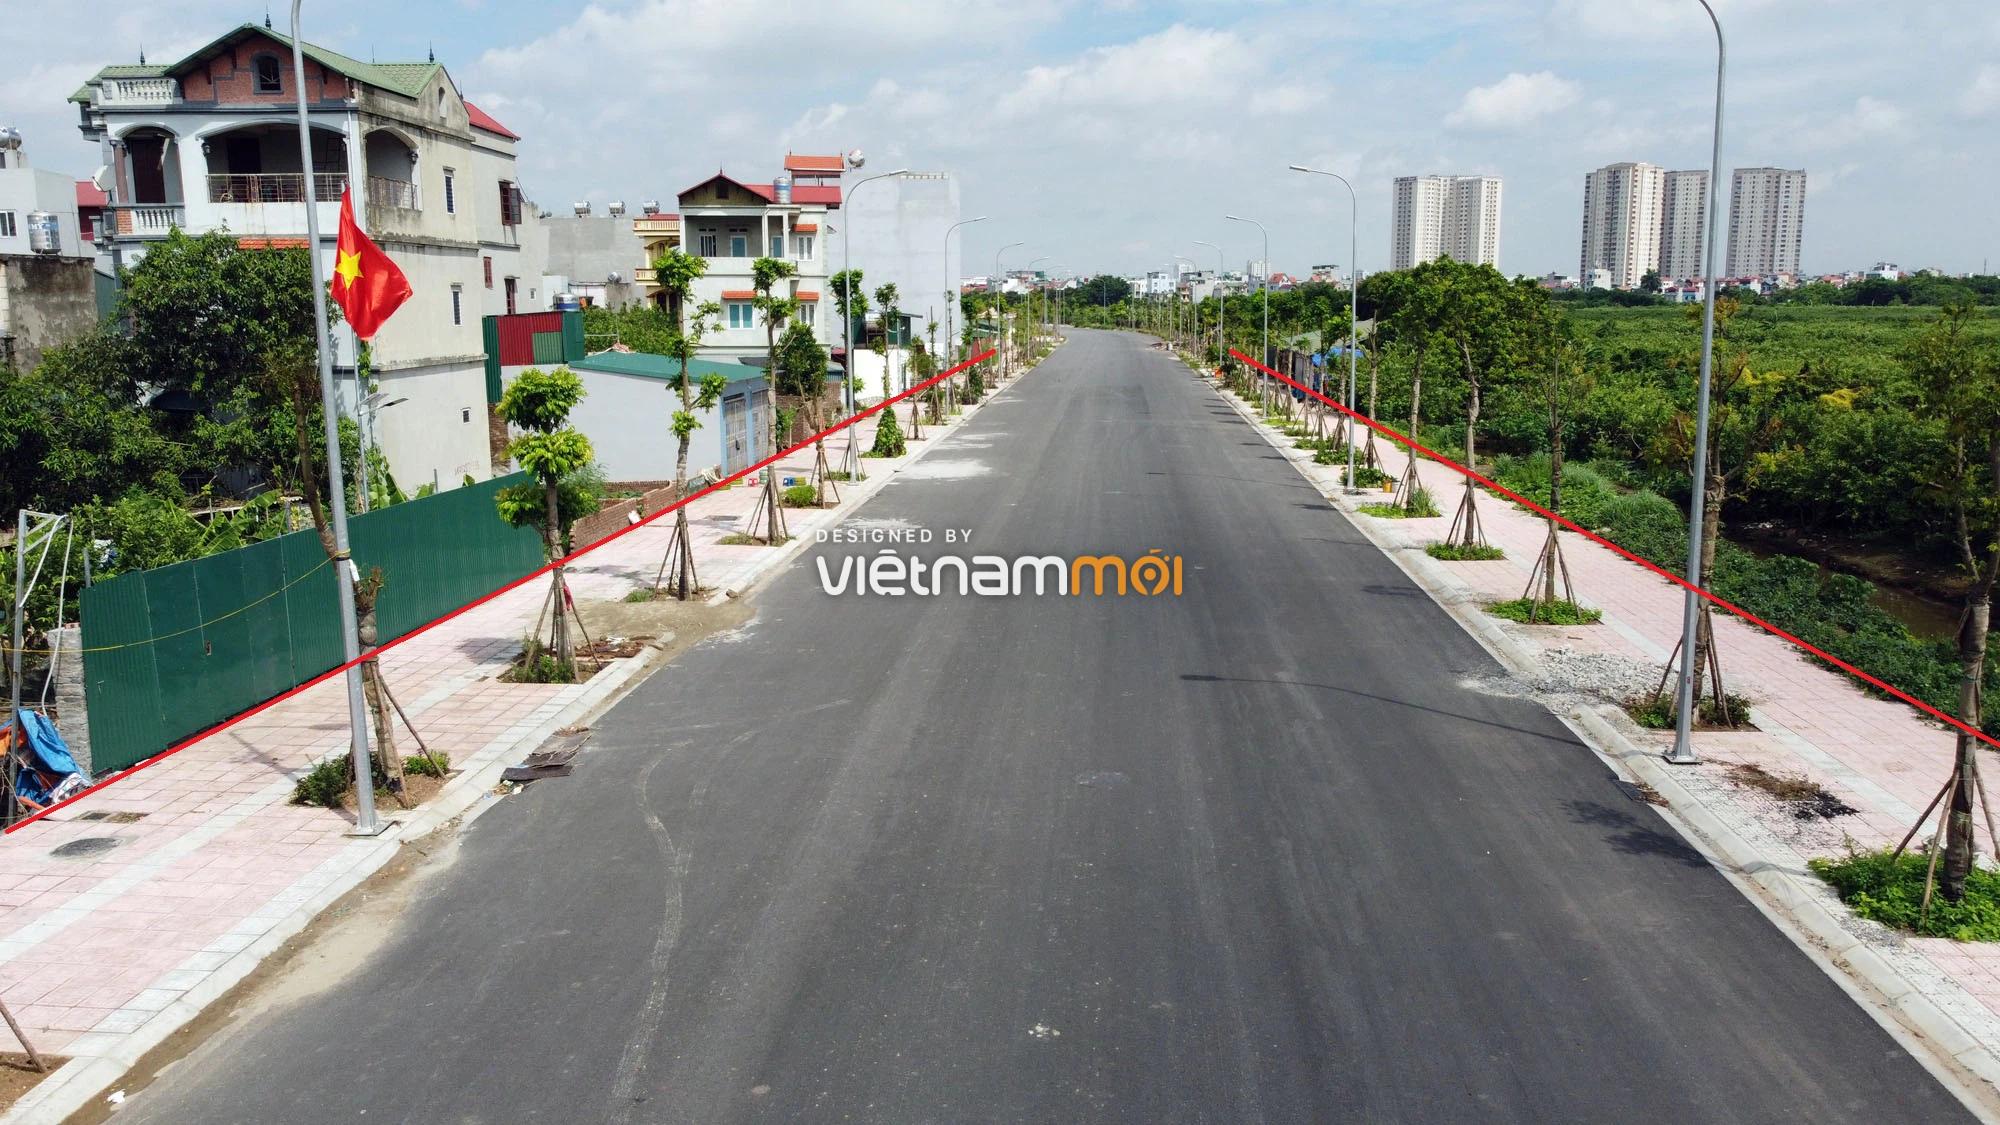 Toàn cảnh đường nối Bát Khối - QL1A đang mở theo quy hoạch ở quận Long Biên, Hà Nội - Ảnh 4.